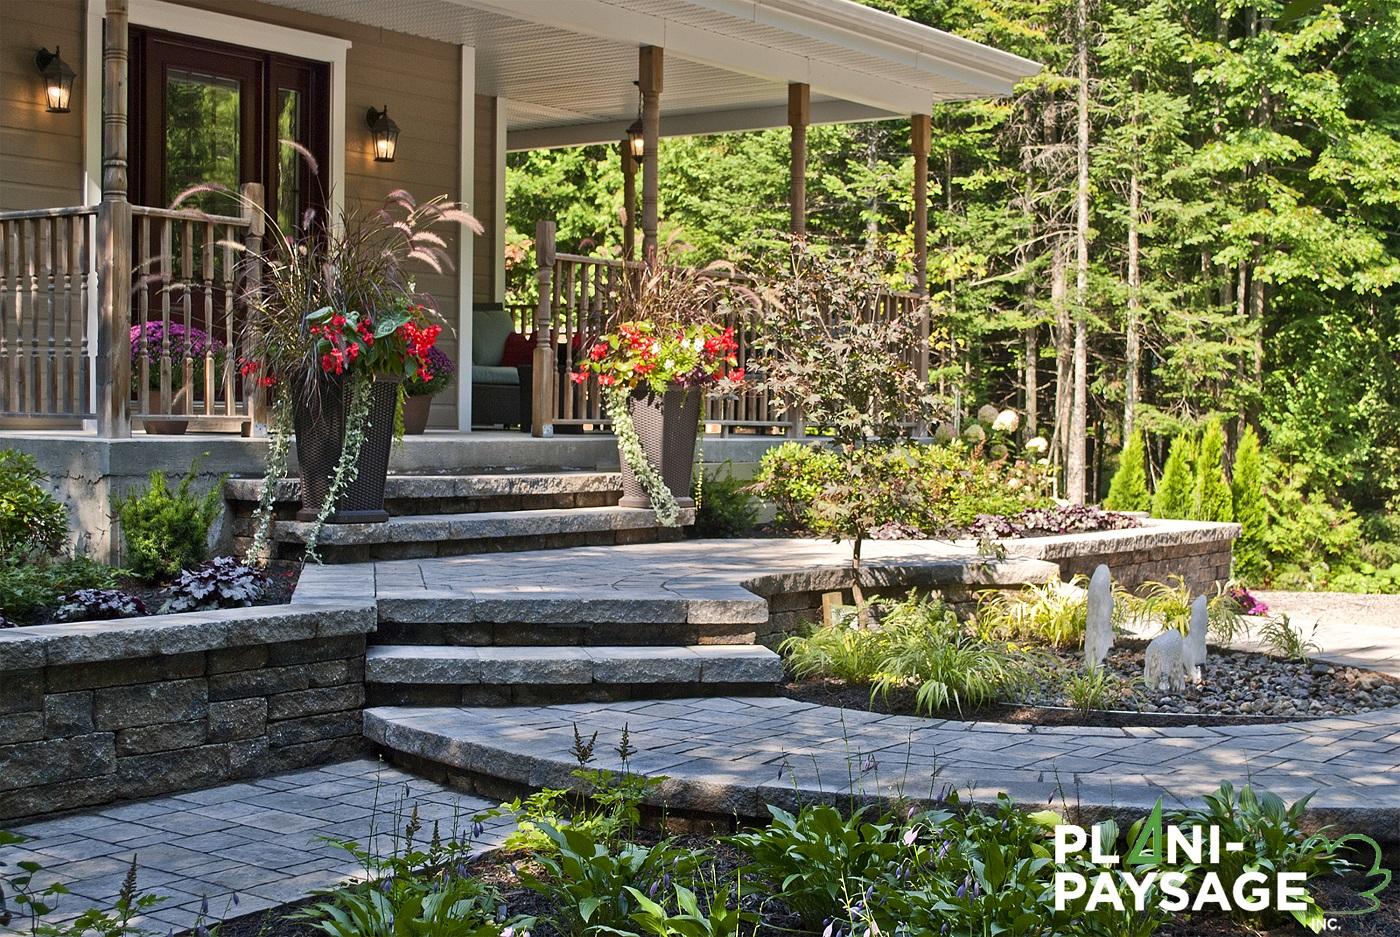 am nagement d 39 une fa ade avec jardin d 39 eau plani paysage. Black Bedroom Furniture Sets. Home Design Ideas